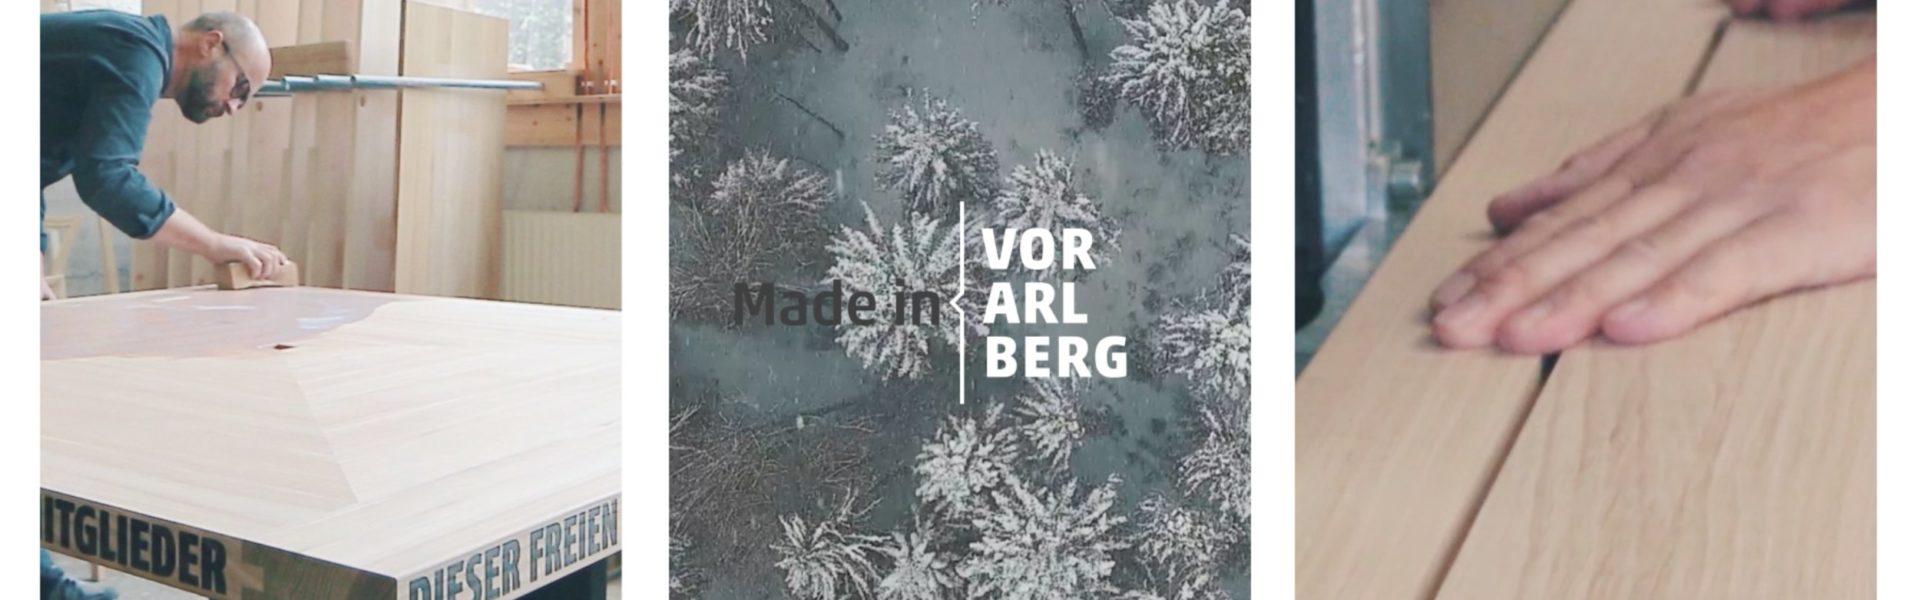 Markus Faisst, Made in Vorarlberg, Video © Markus Gmeiner Matak films / Vorarlberg Tourismus GmbH